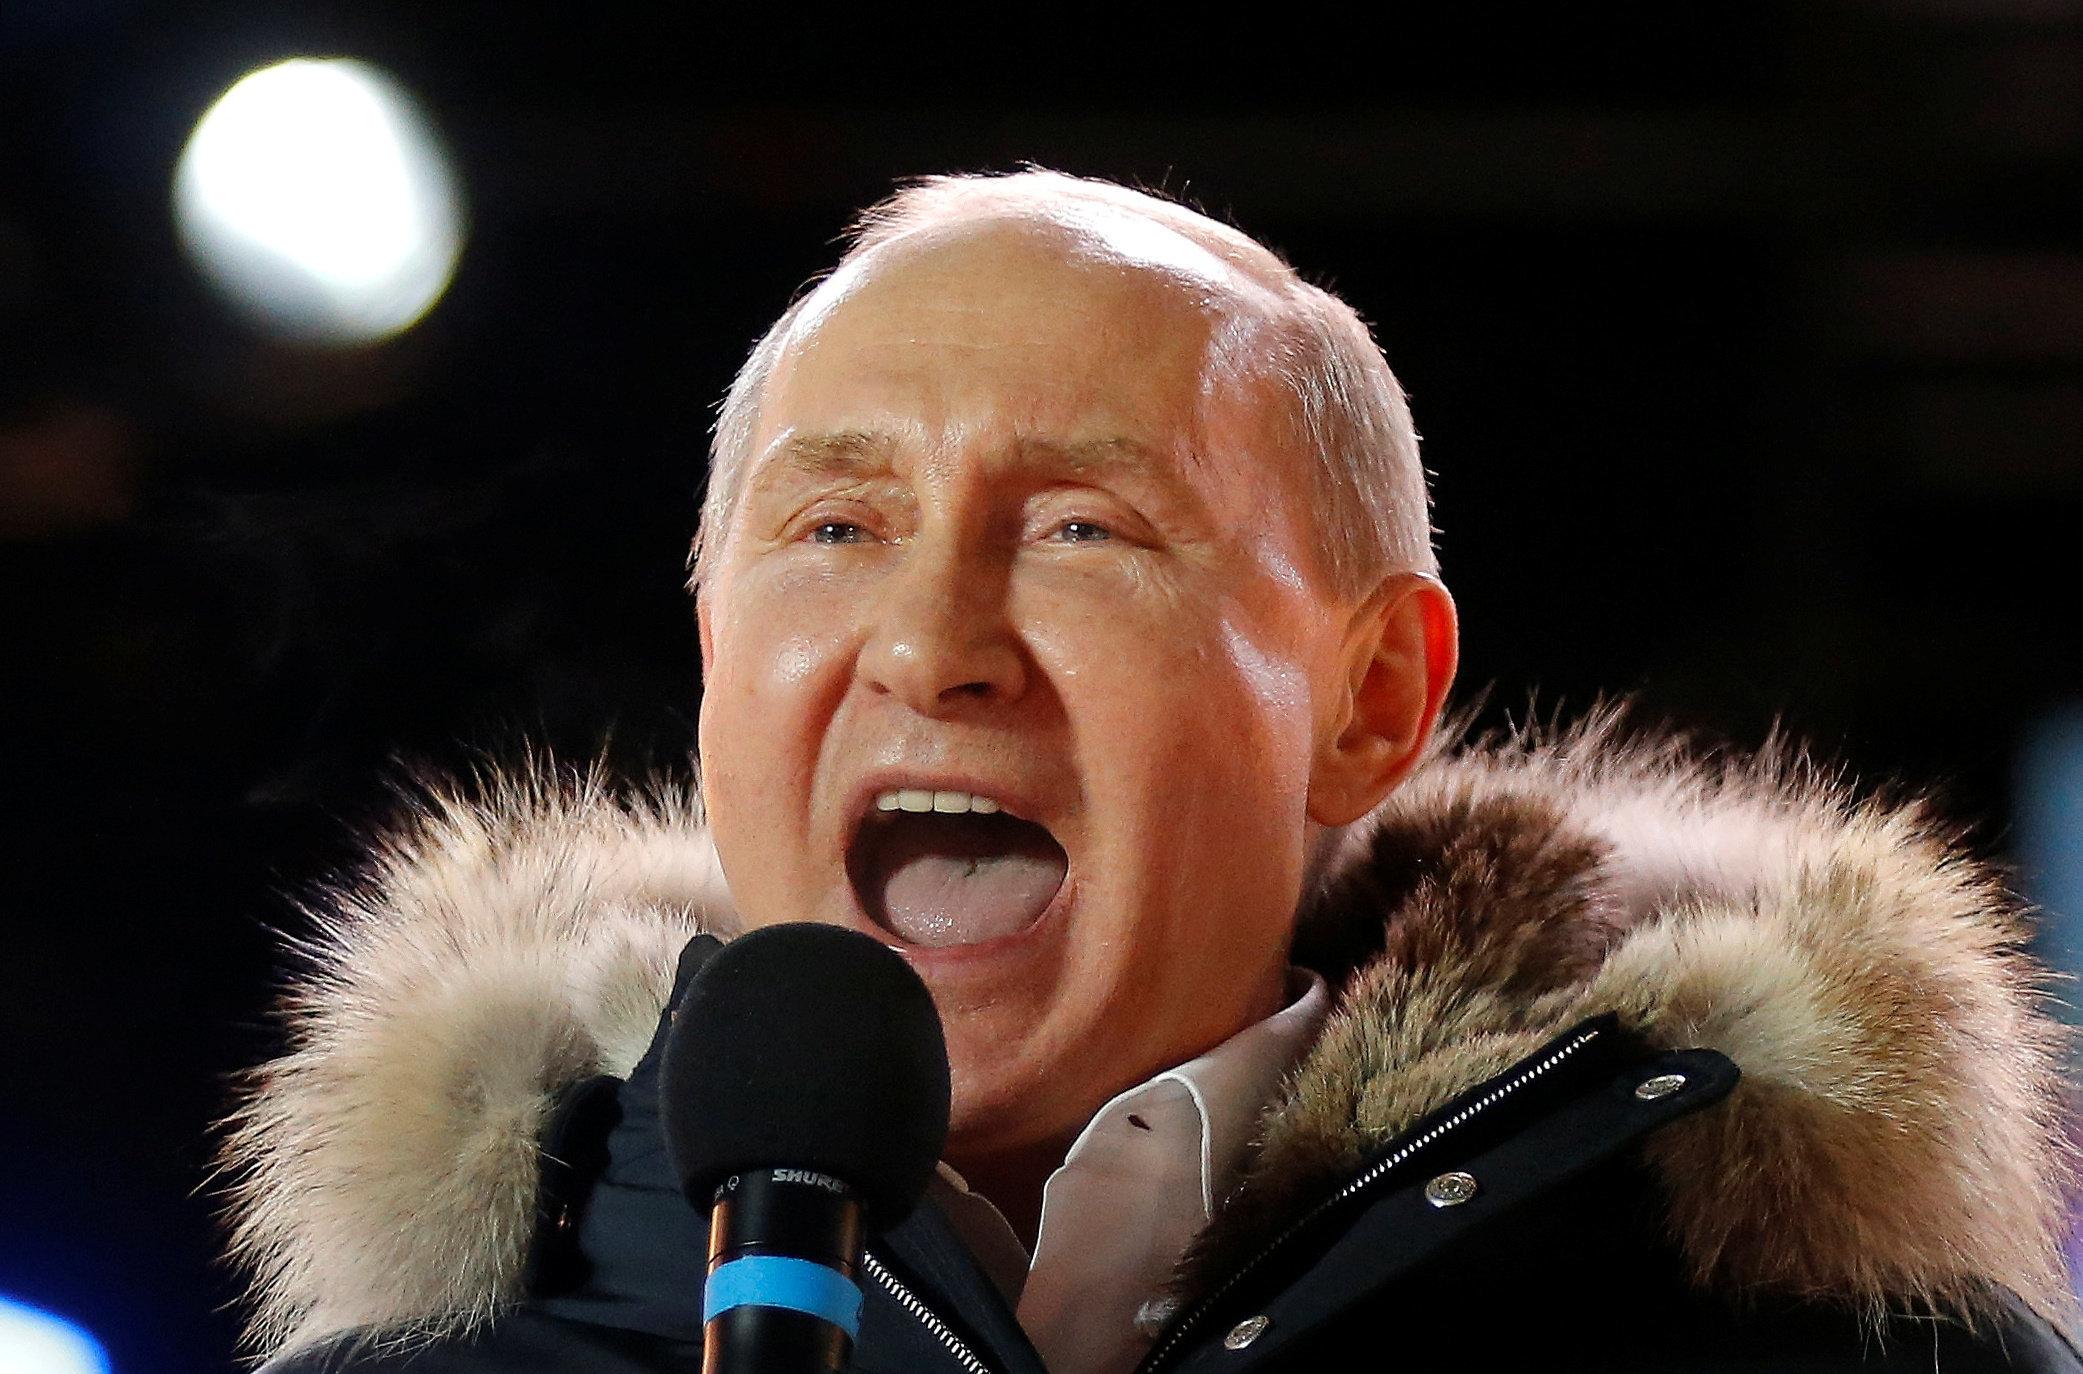 Fort d'un raz de marée dans les urnes, Poutine au Kremlin jusqu'en